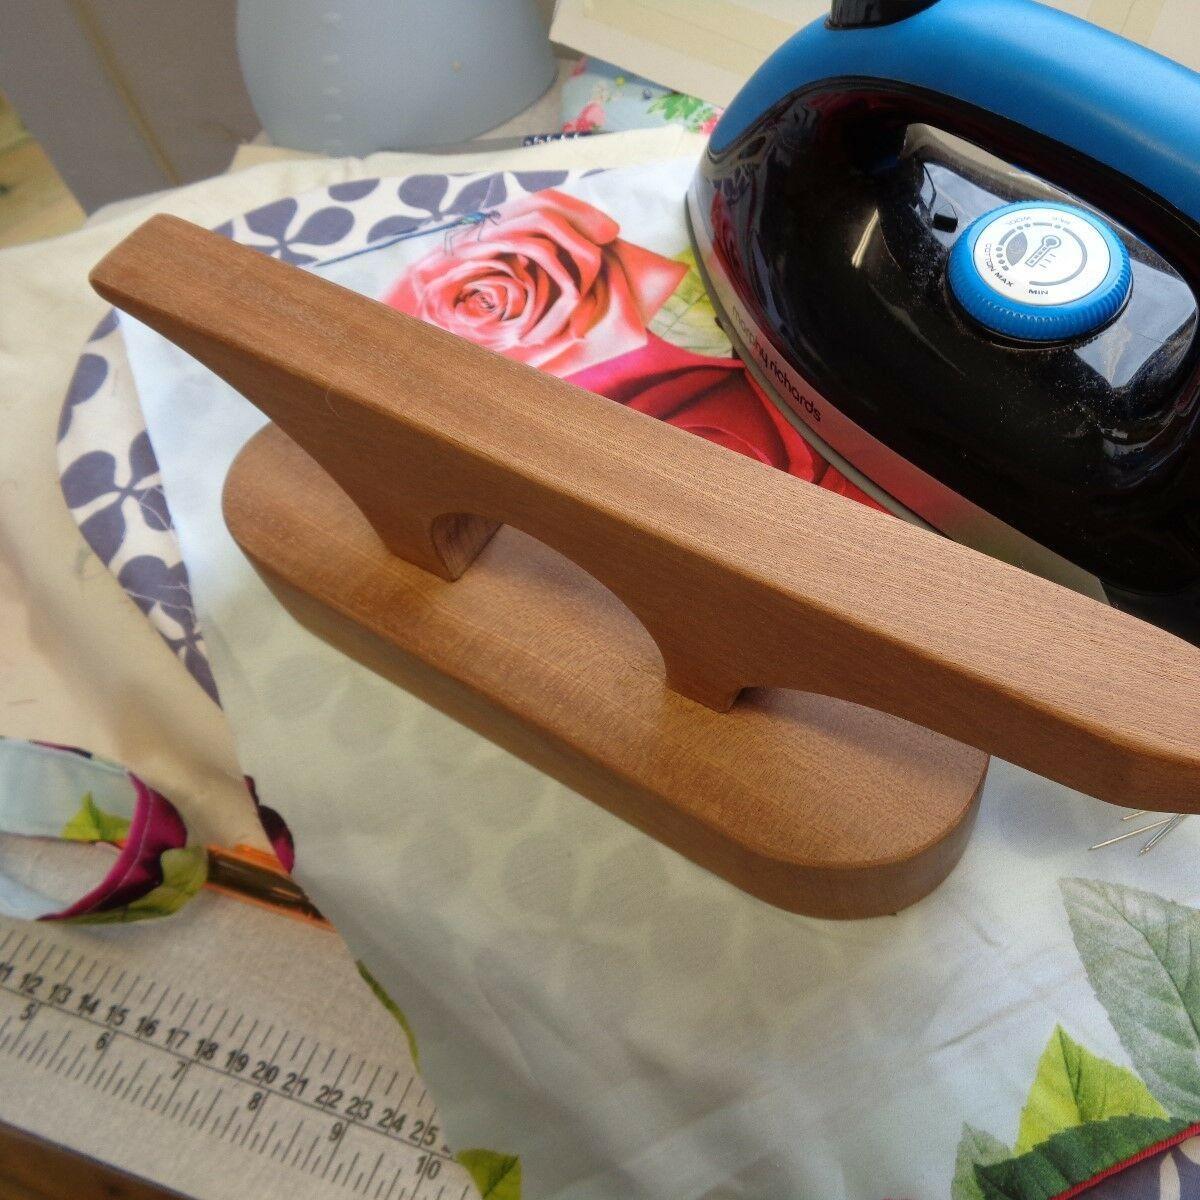 Presse en bois pour plis parfaits